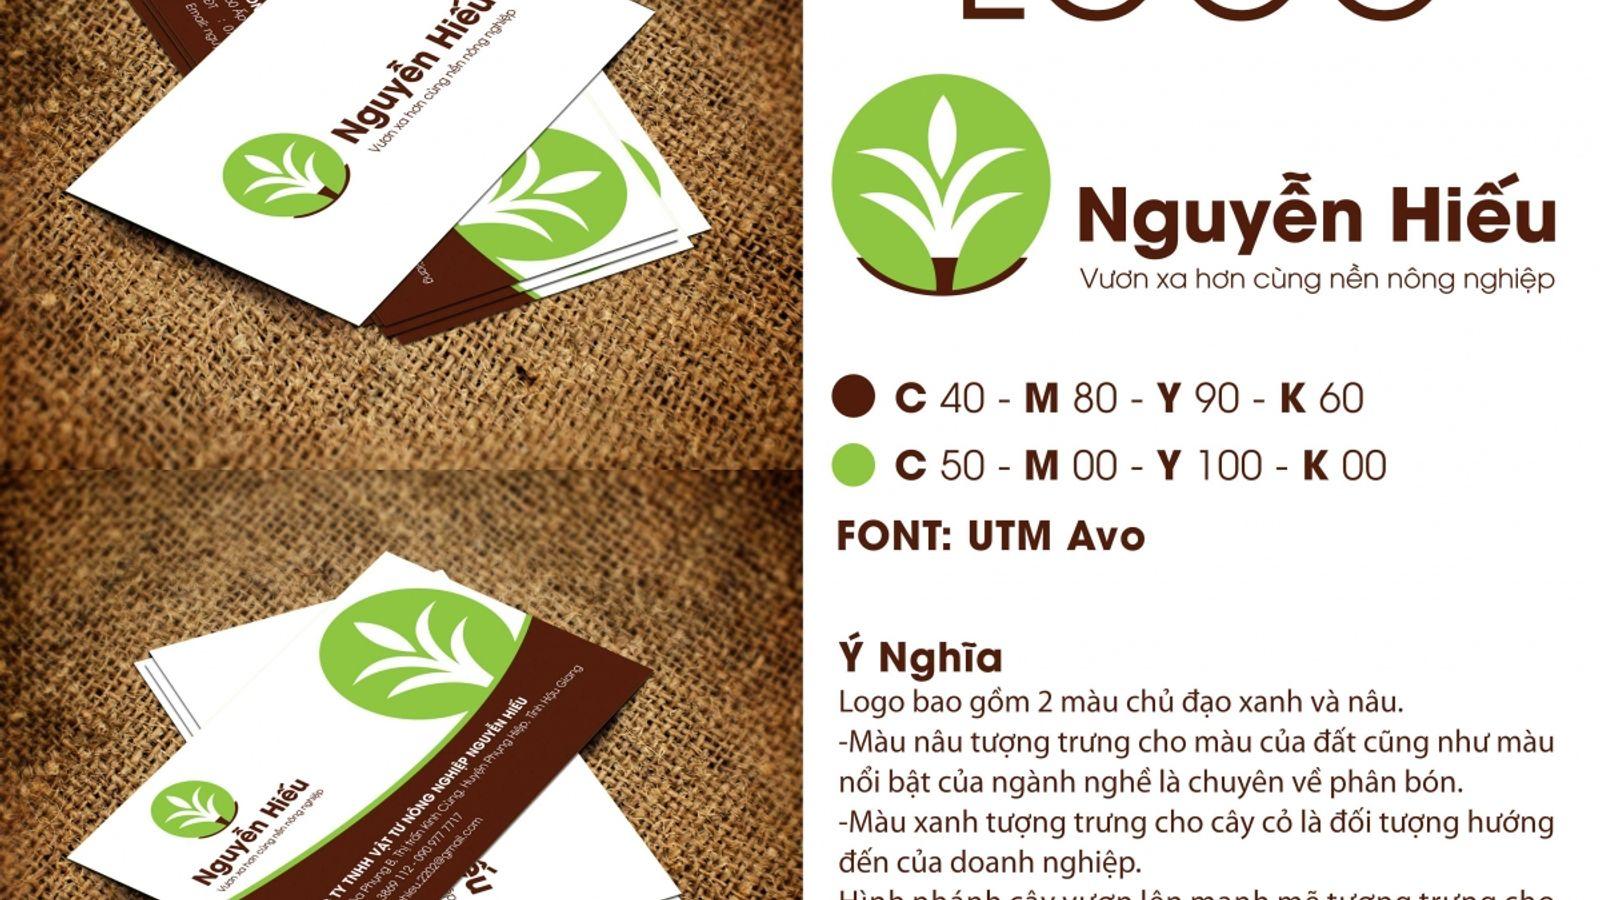 Thiết kế logo Nguyễn Hiếu